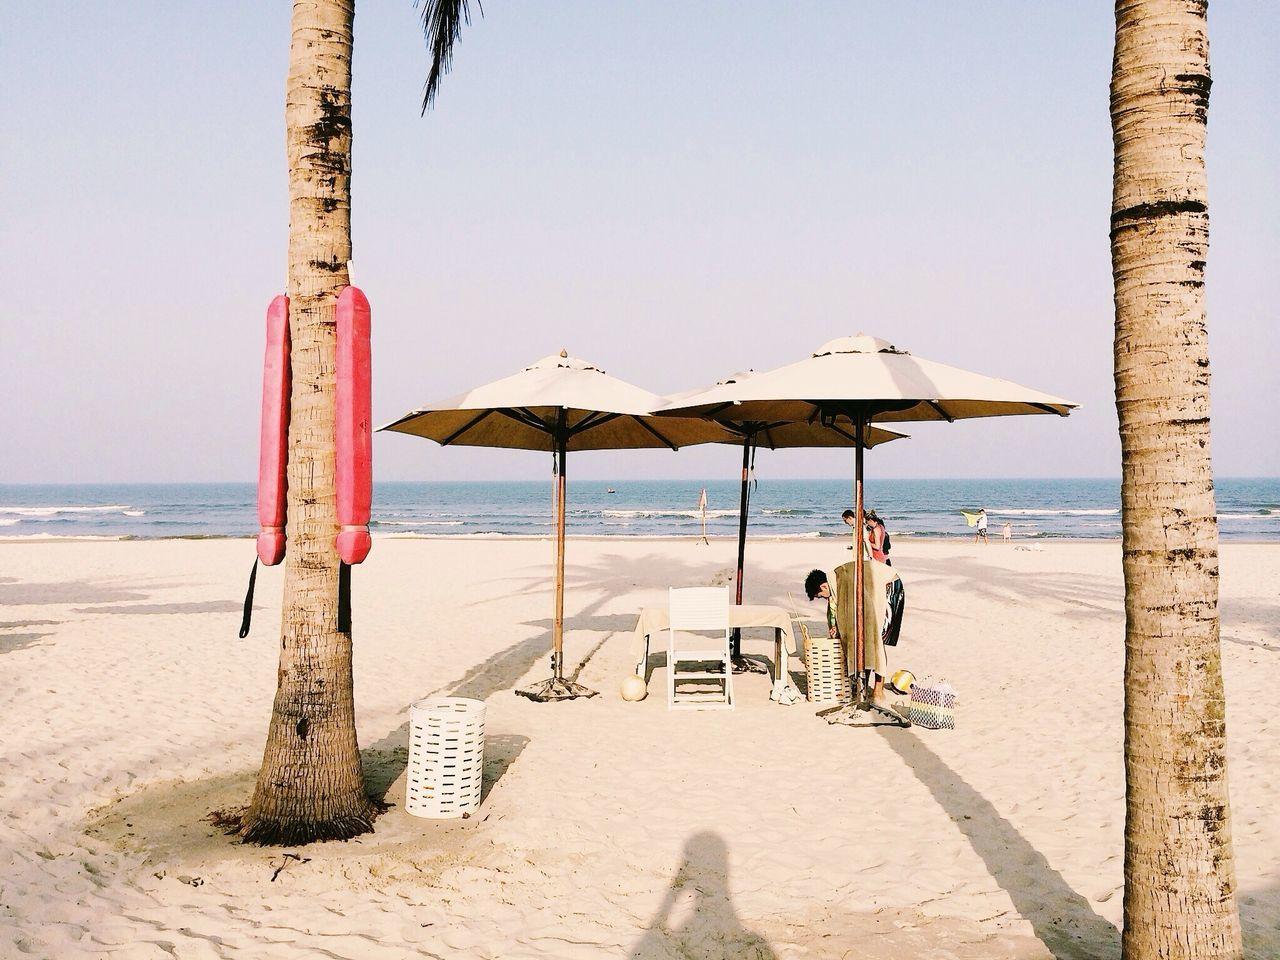 Beautiful stock photos of sunny, Beach, Beach Umbrella, Canopy, Chair